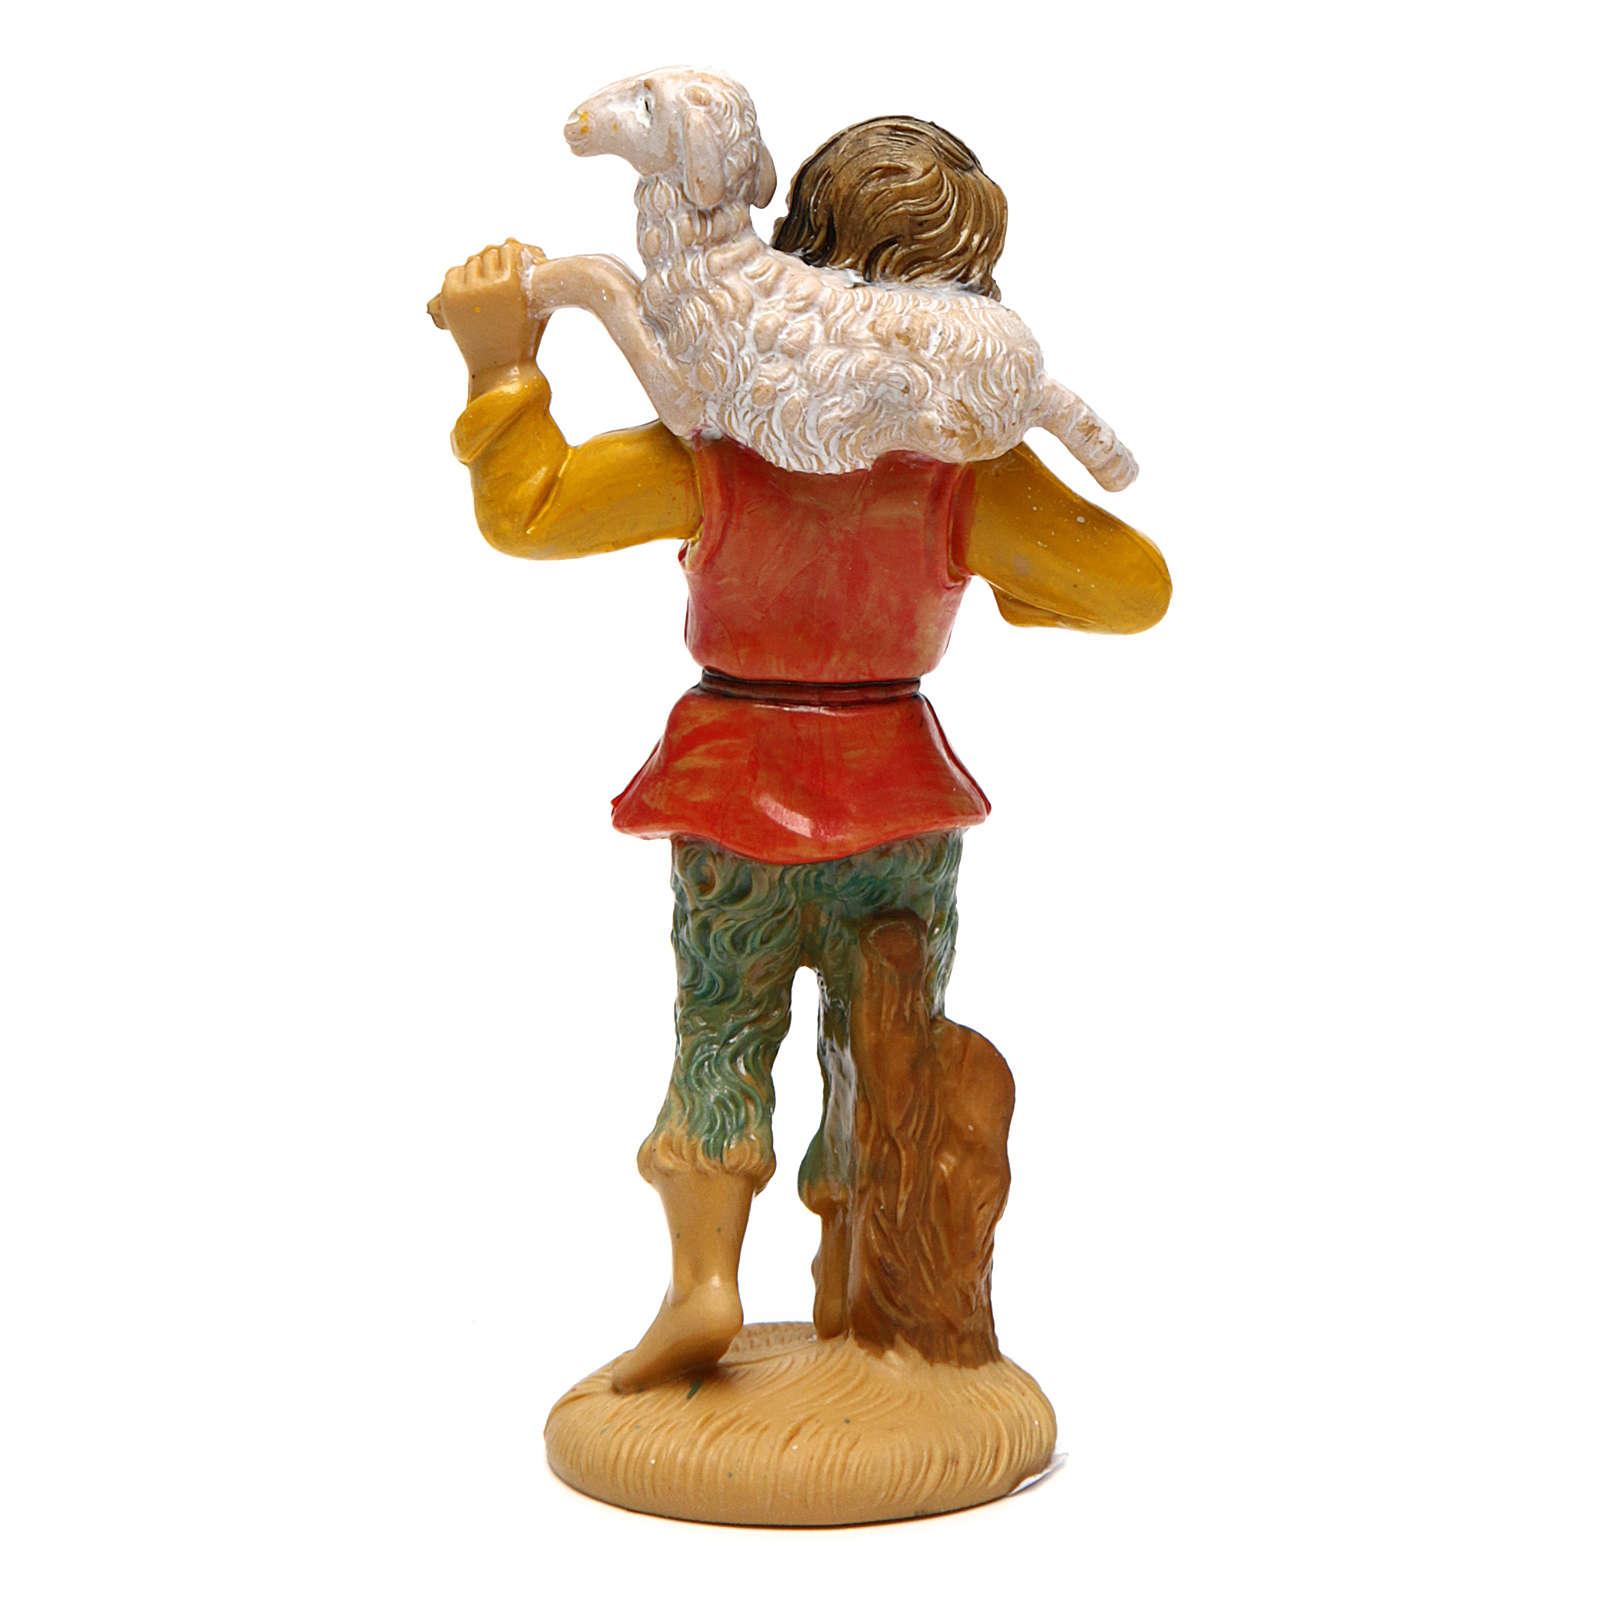 Hombre con oveja para belén de 10 cm de altura media belén 3